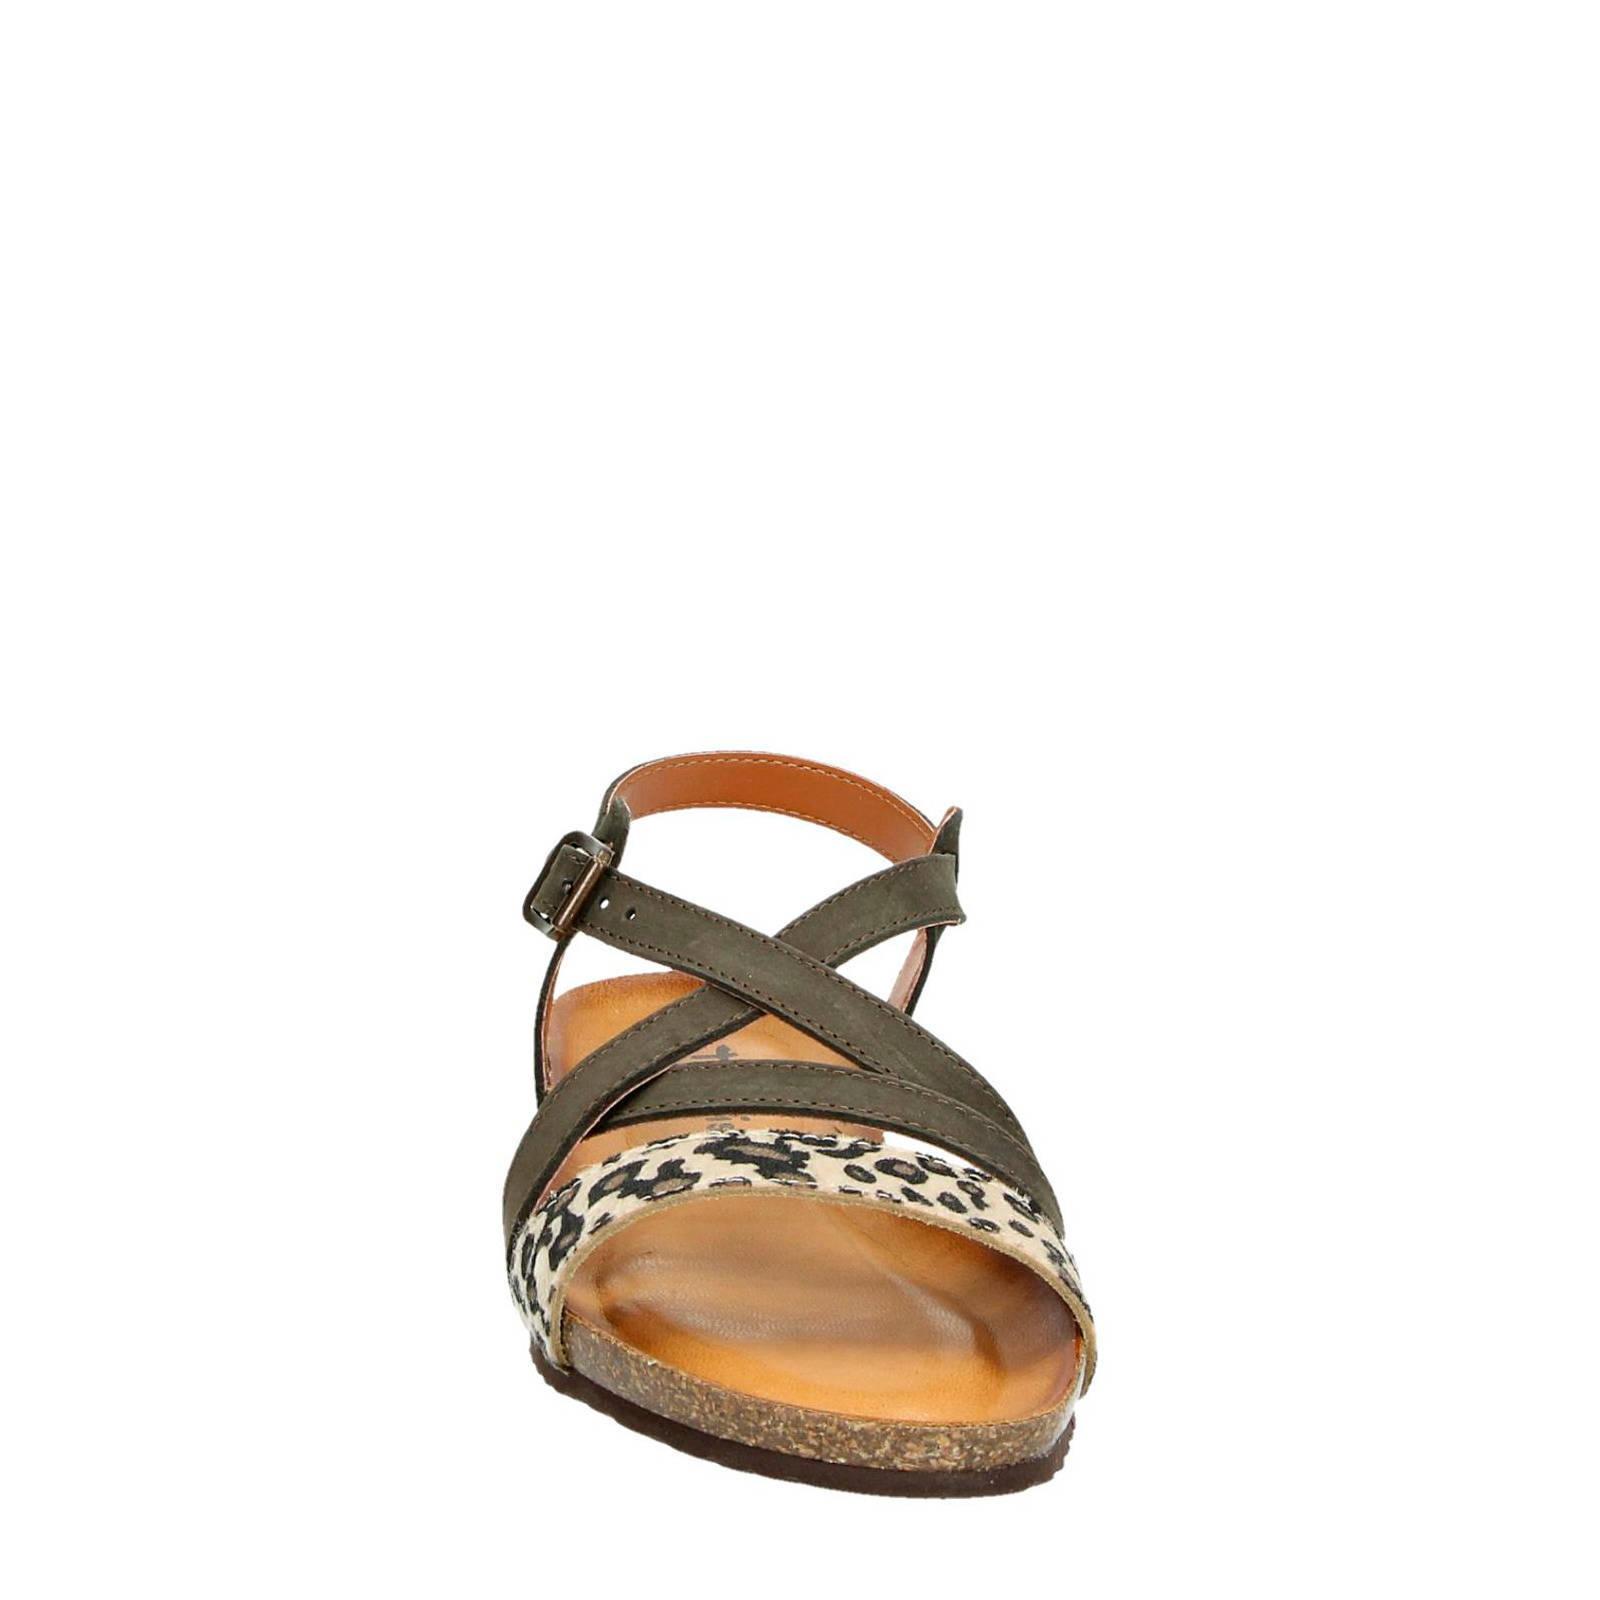 Tamaris leren sandalen met panterprint | wehkamp